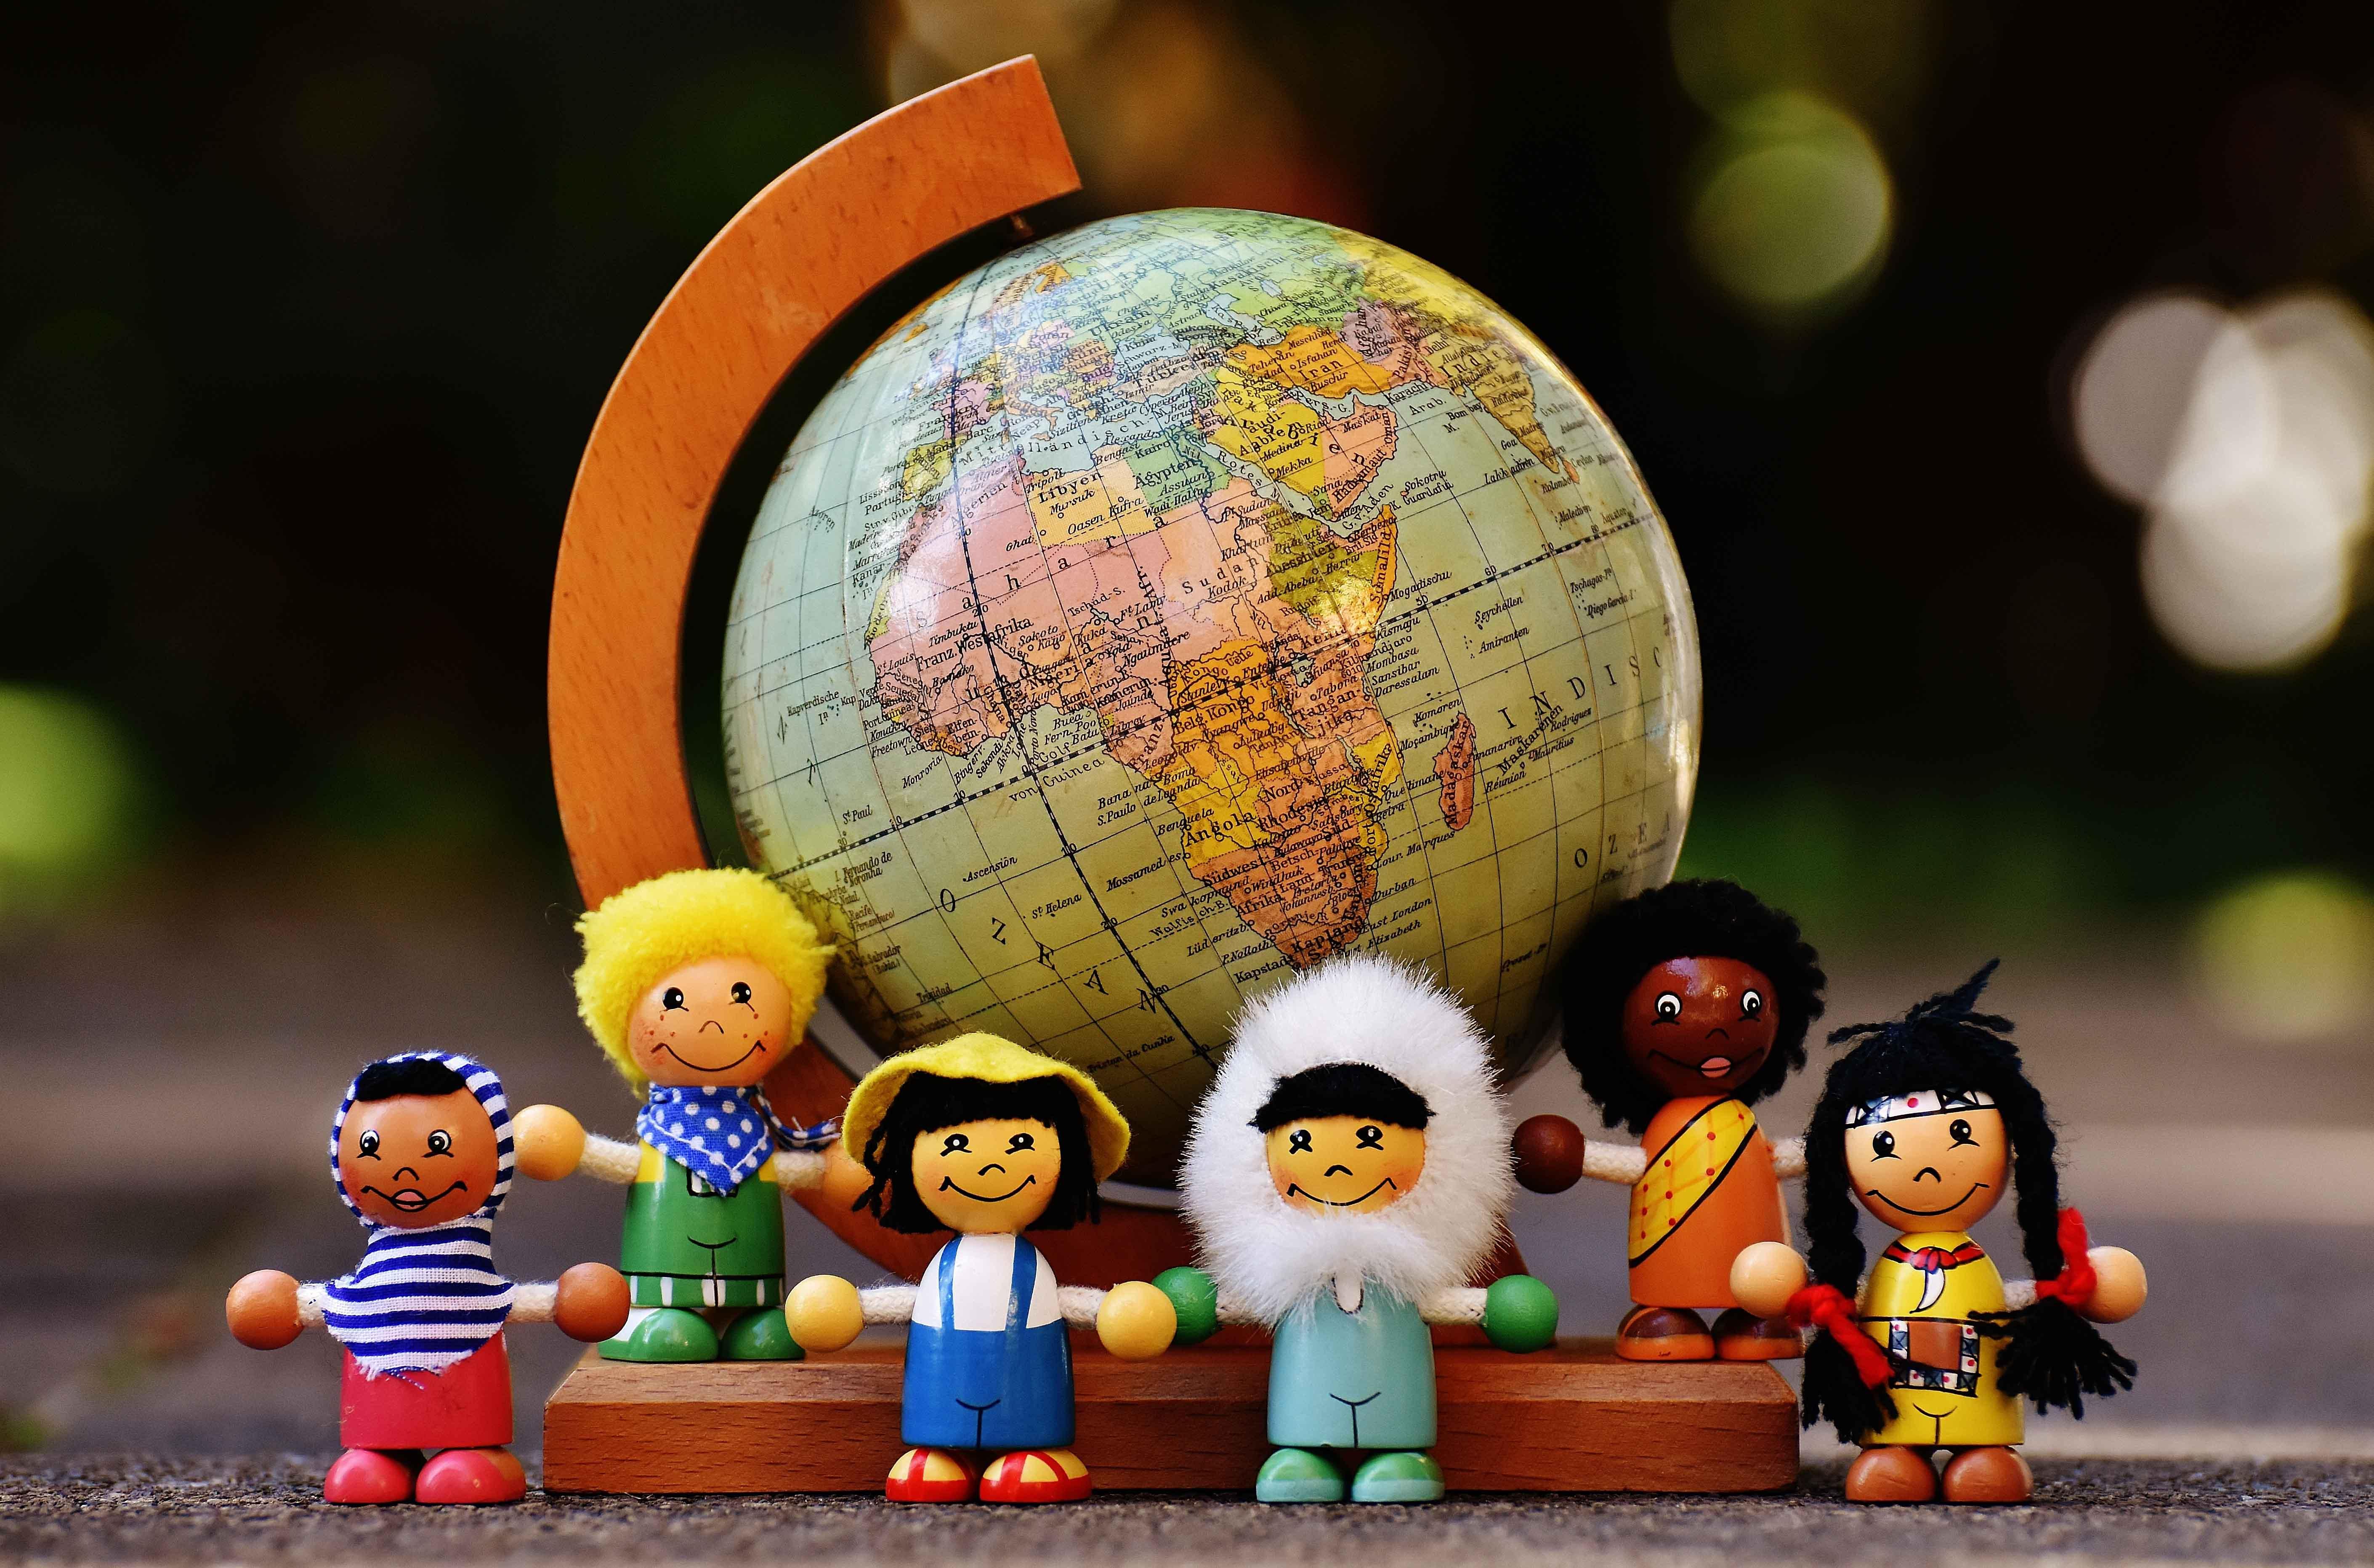 Figuras de gente de varias razas junto a bola del mundo